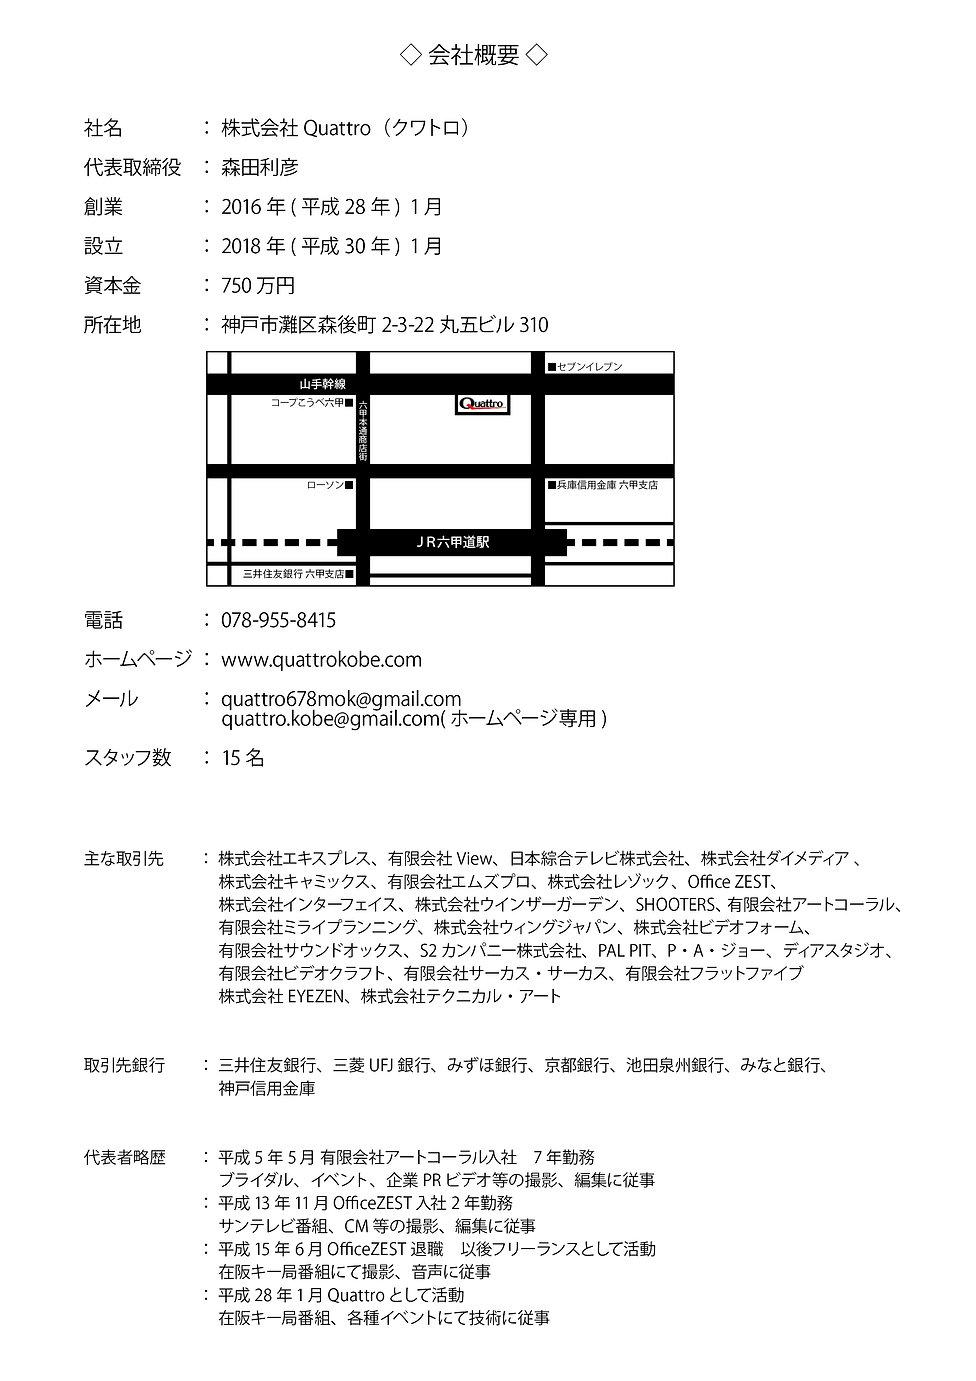 株式会社Quattro会社概要20190822.jpg